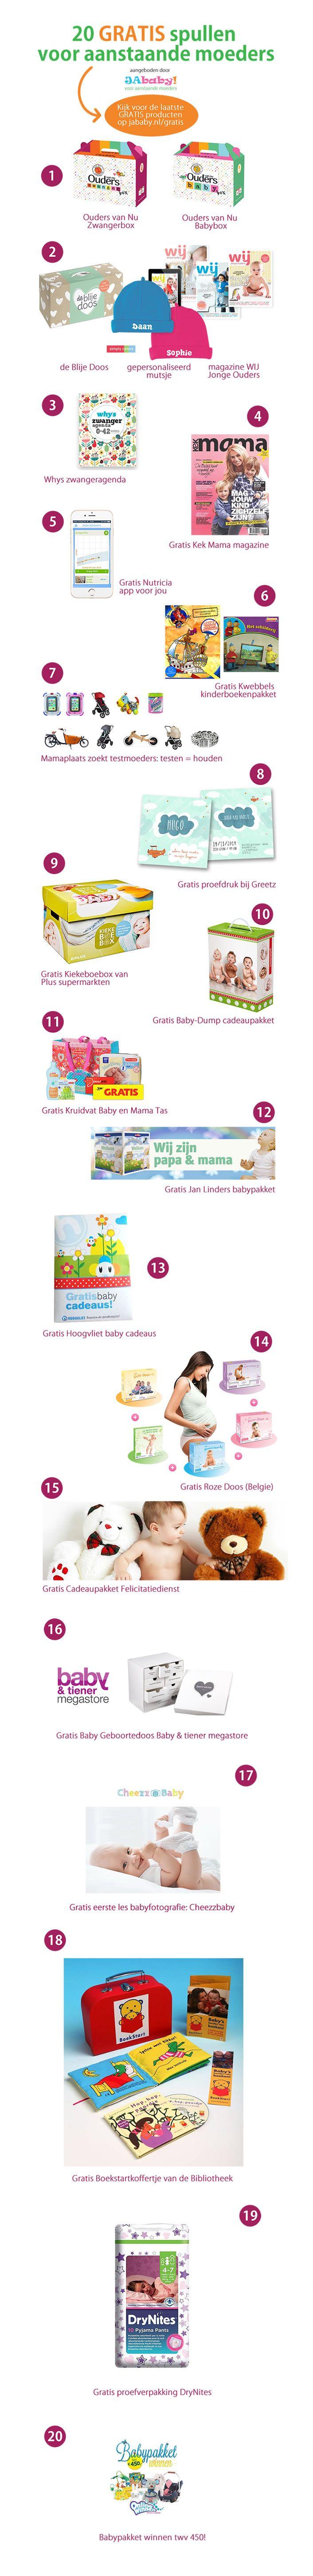 De leukste en mooiste GRATIS babyproducten, cadeauboxen, pakketten en spullen voor zwangeren. Tip: nummer 18 is ECHT leuk!